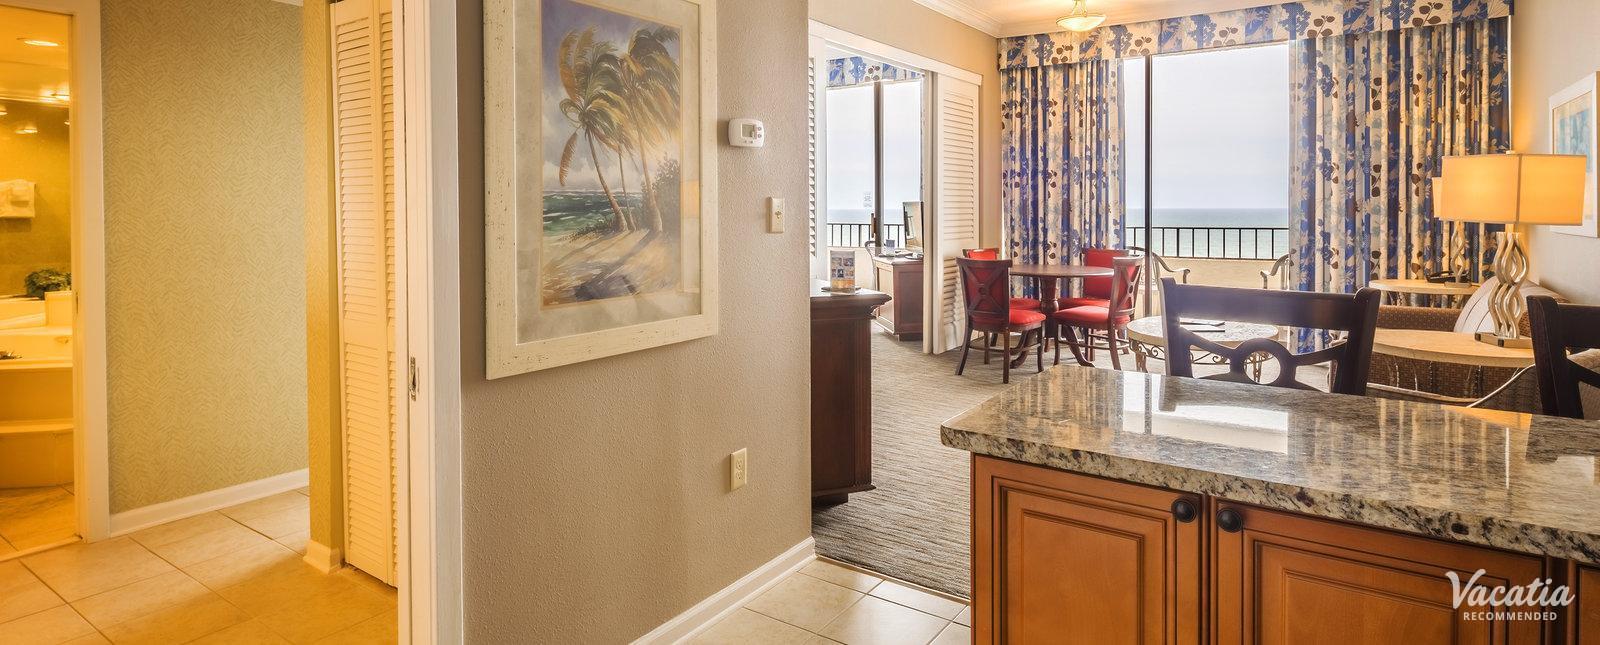 1 Bedroom Resort Suites at Island Vista Resort  Top Rates